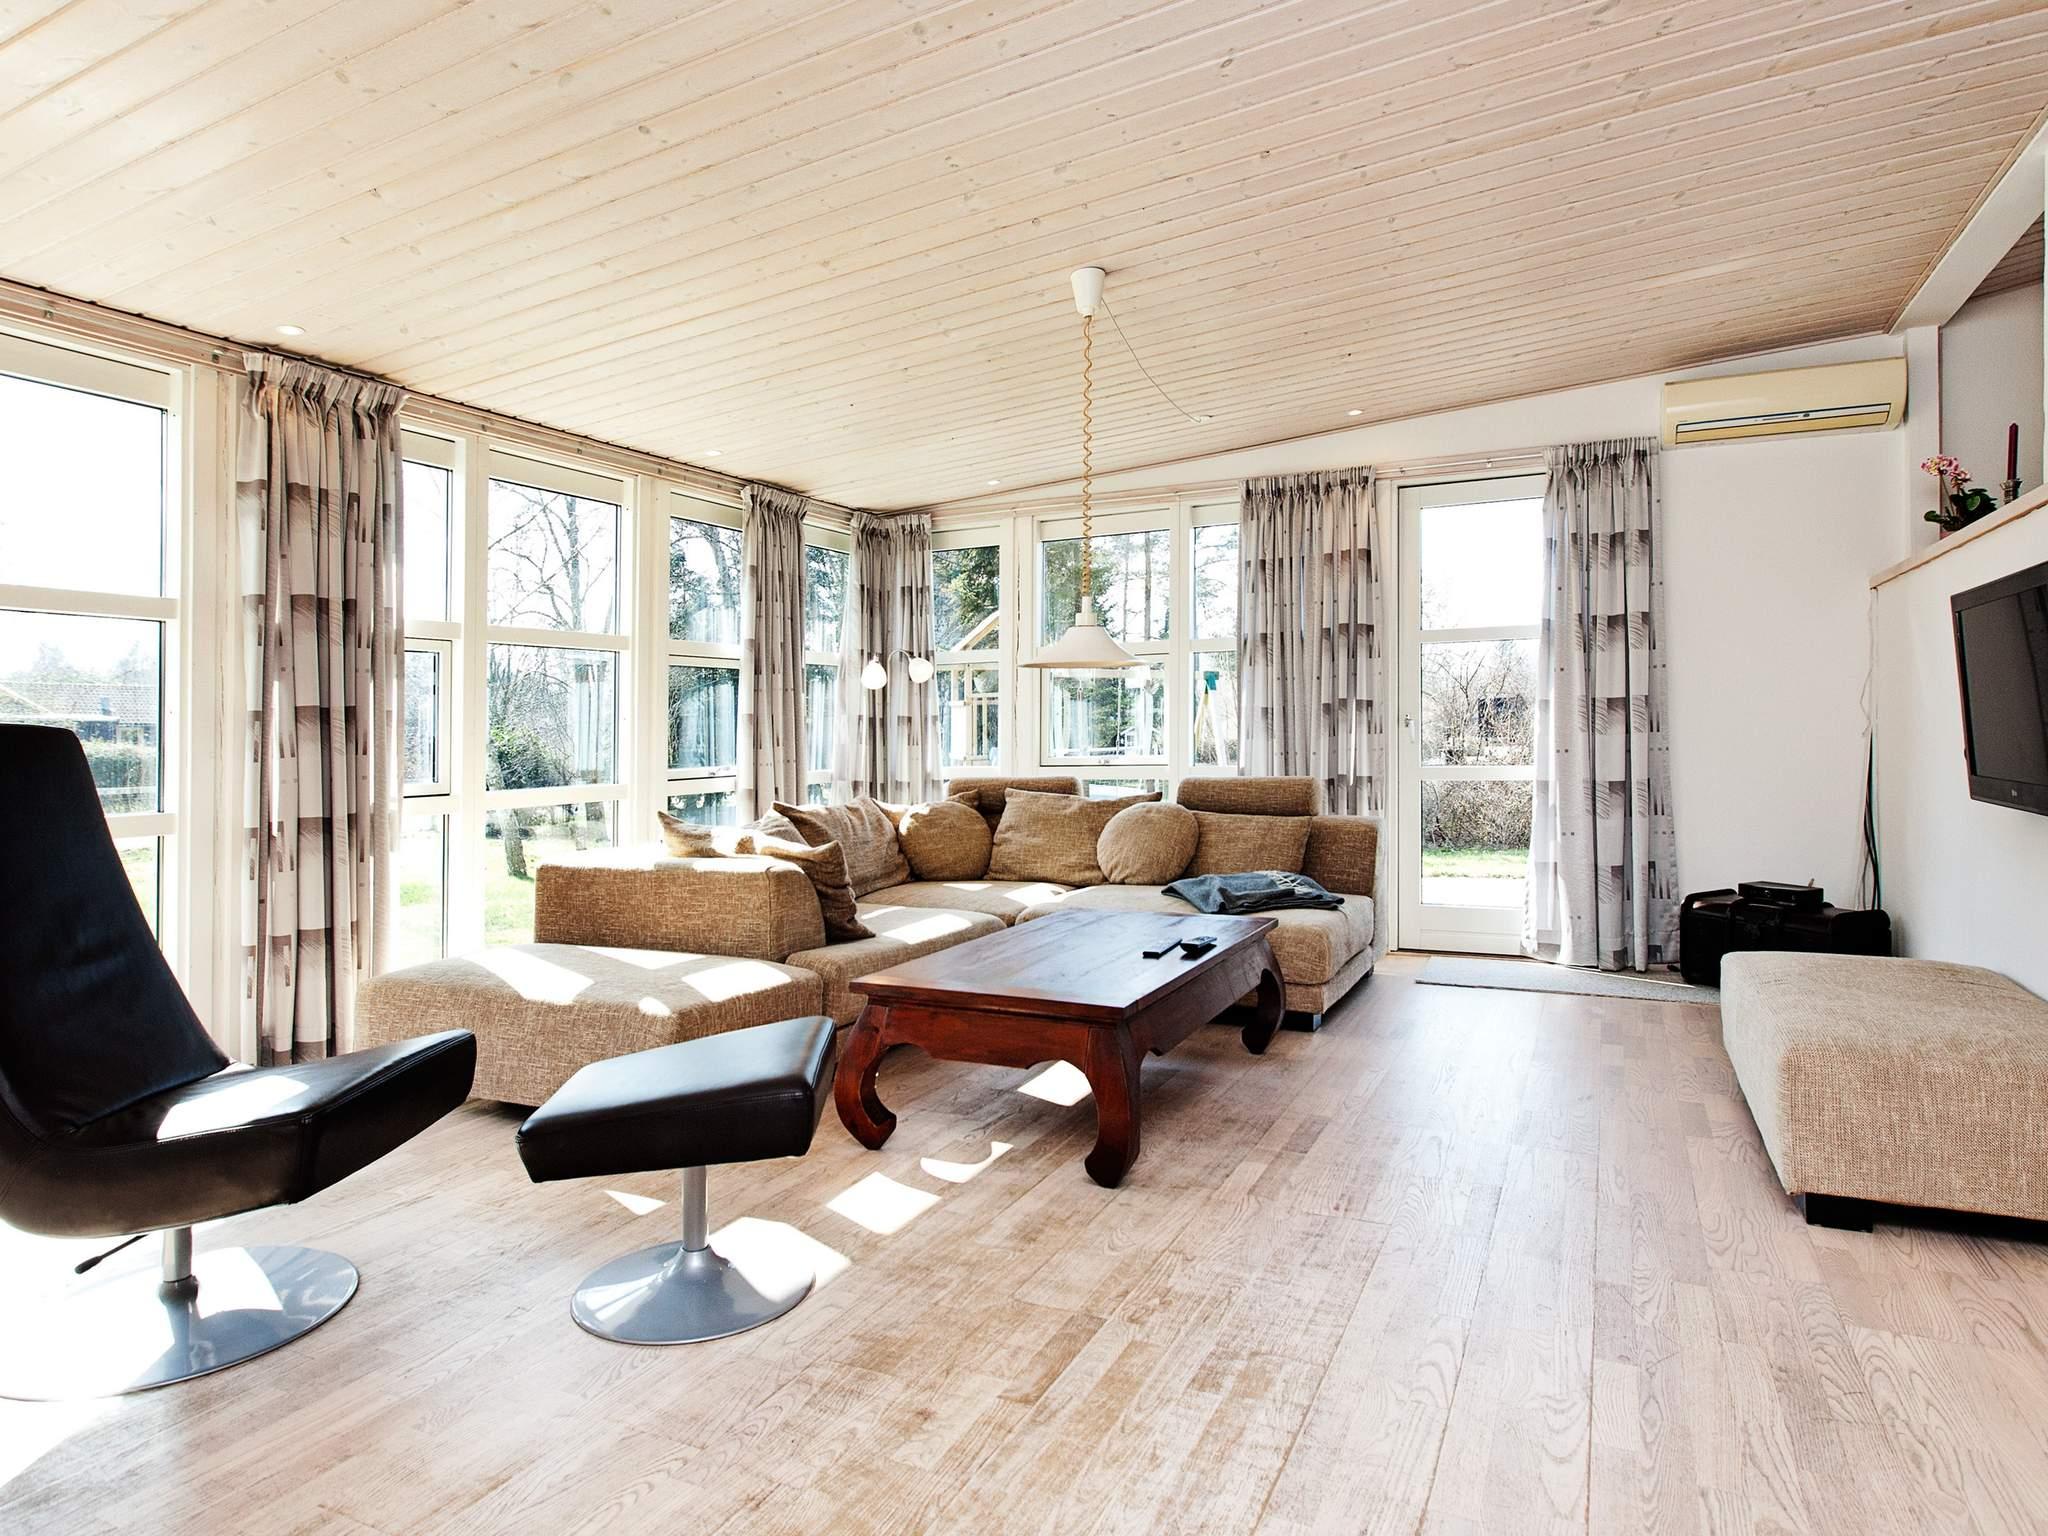 Ferienhaus Udsholt Strand (1029012), Gilleleje, , Nordseeland, Dänemark, Bild 3